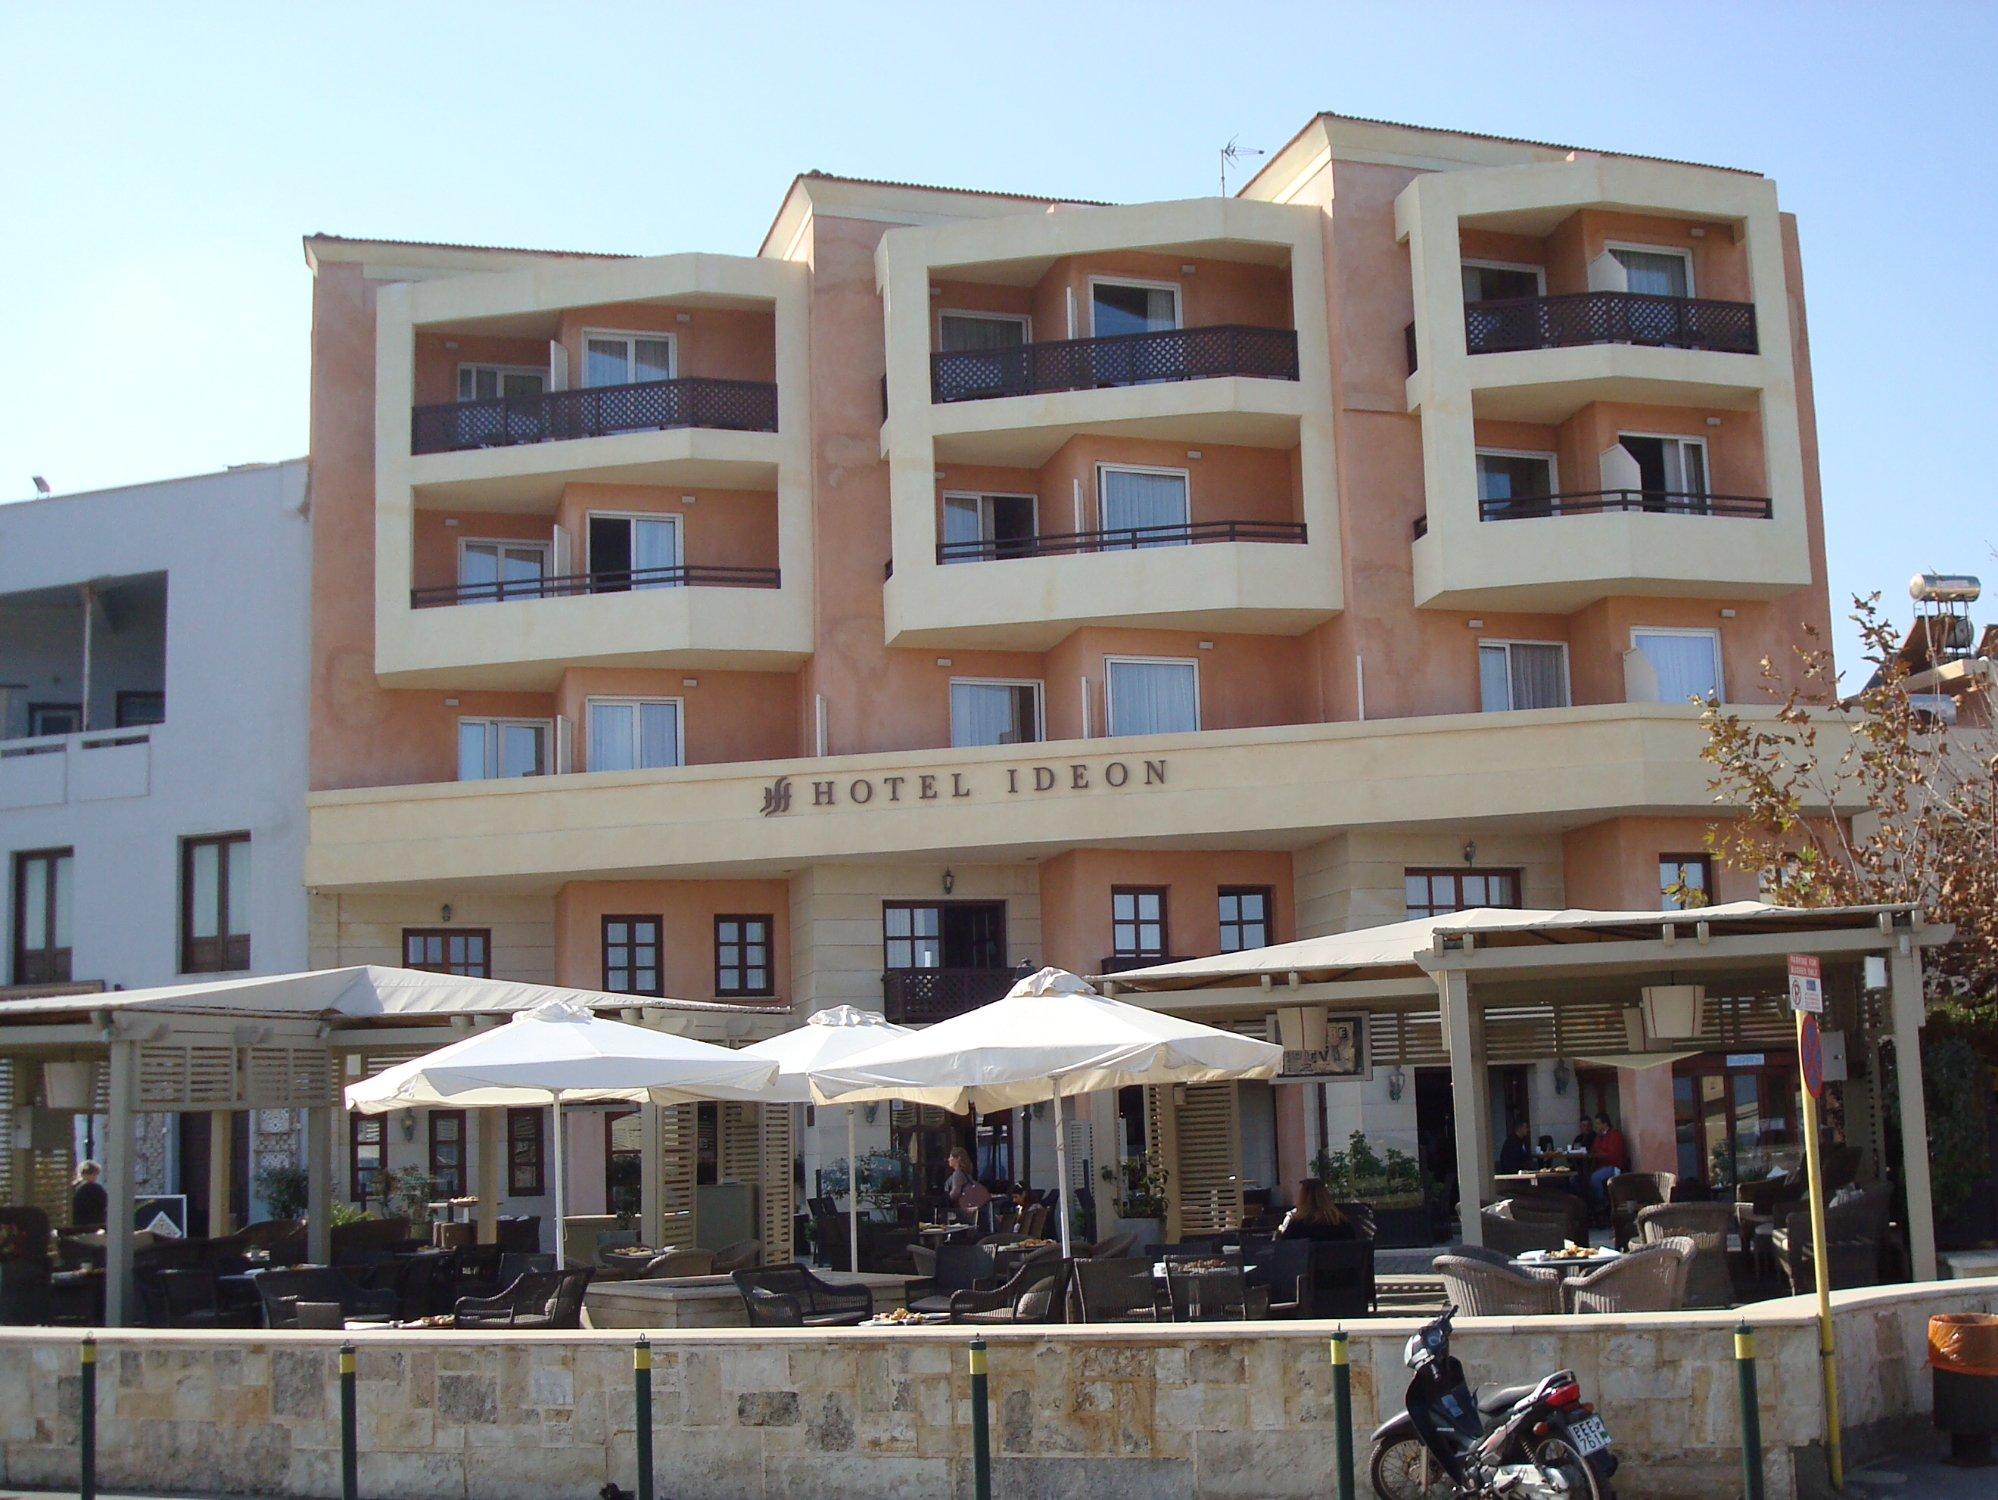 埃德翁飯店